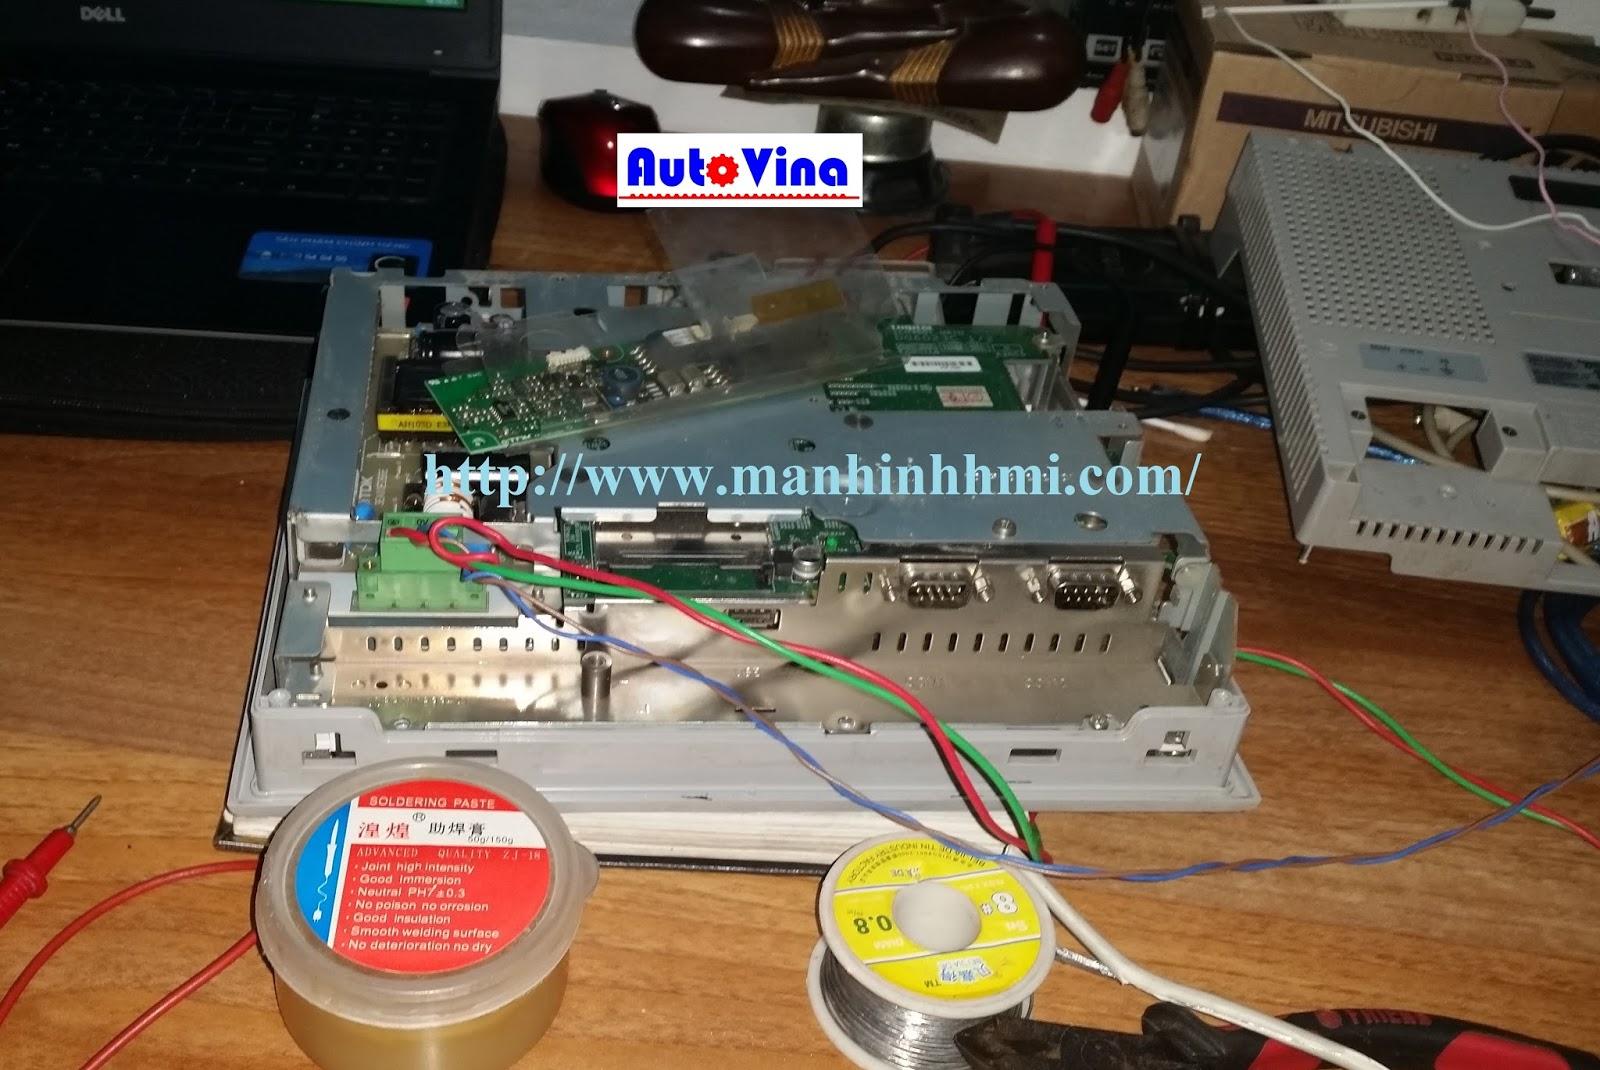 Màn hình cảm ứng HMI Schneider XBTOT5220 đang kiểm tra sửa chữa tại phòng kỹ thuật Auto Vina